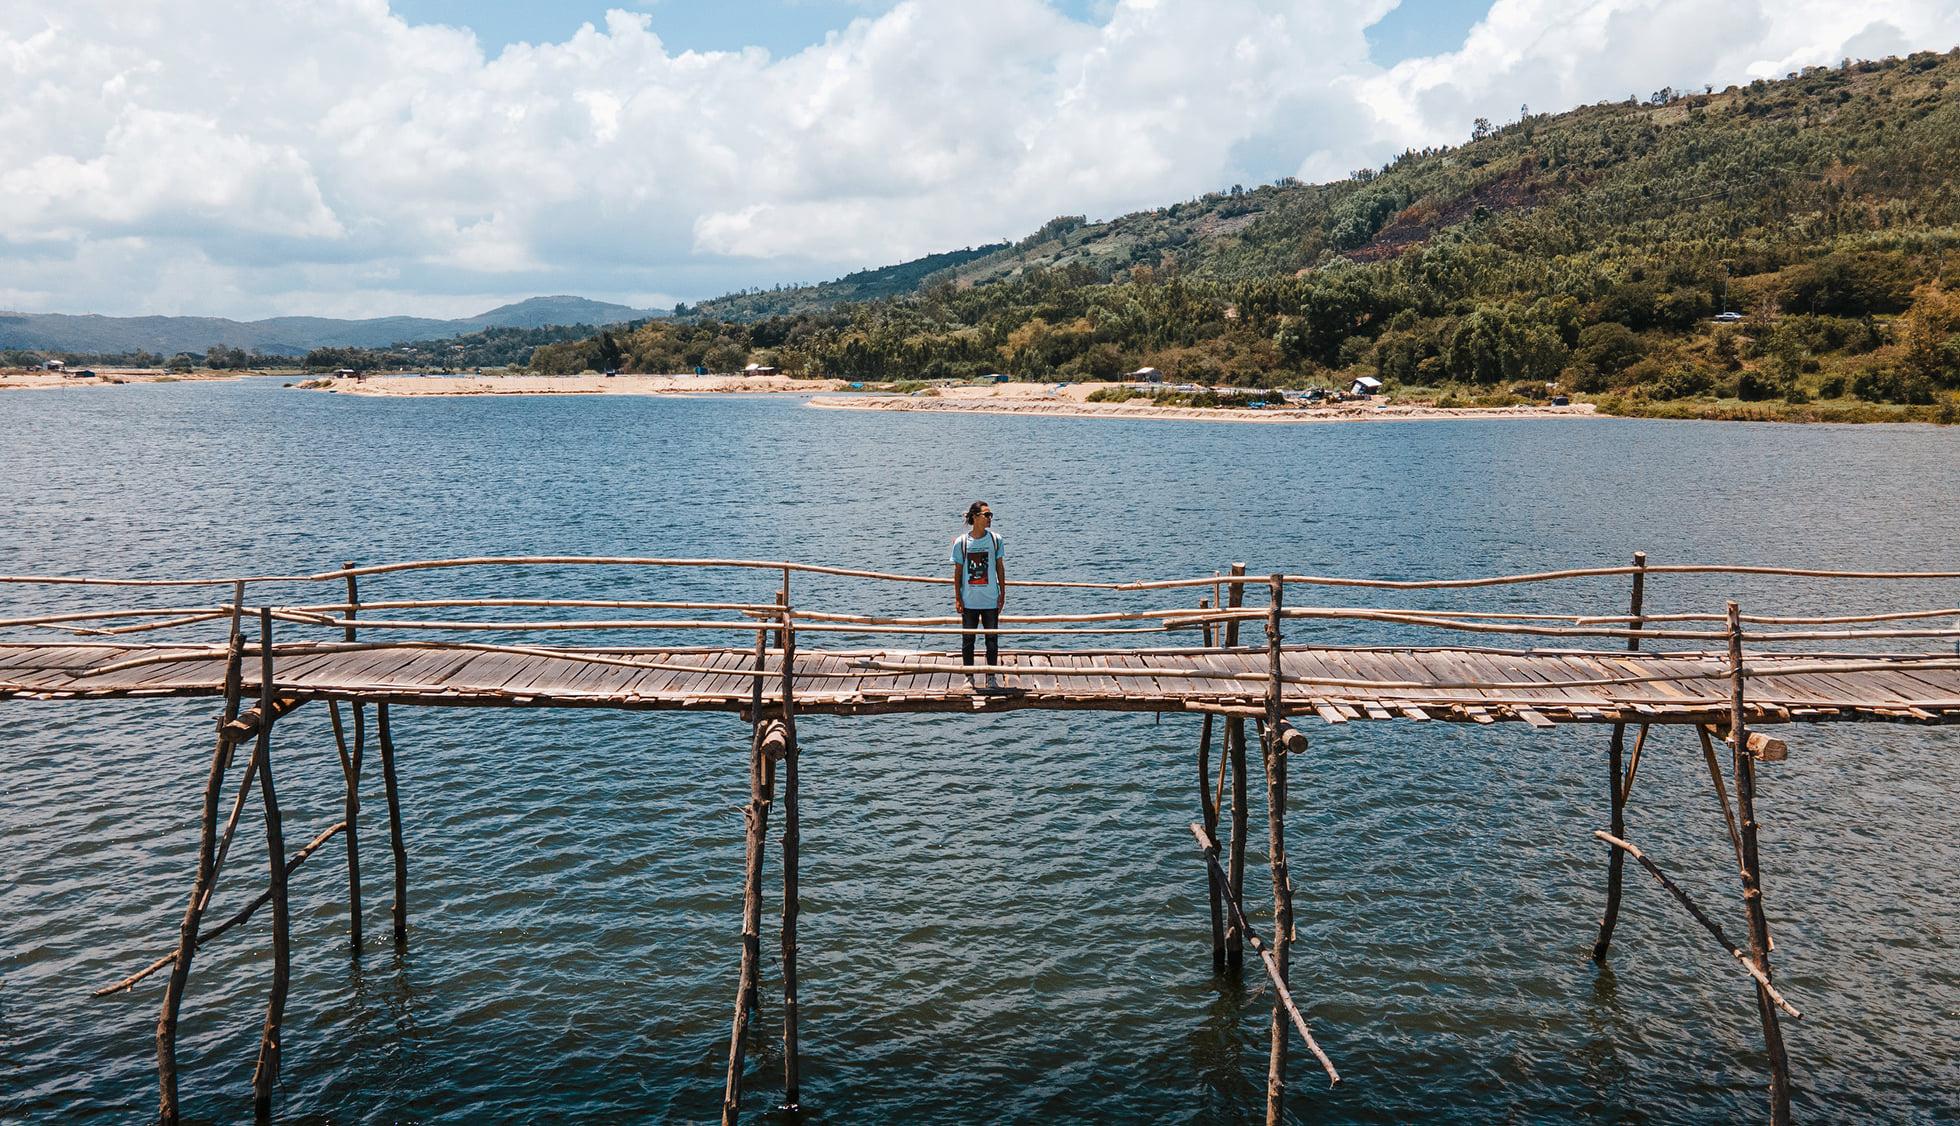 Phú Yên đầu hè qua góc nhìn của Kop Dinh và âm nhạc - Ảnh 5.